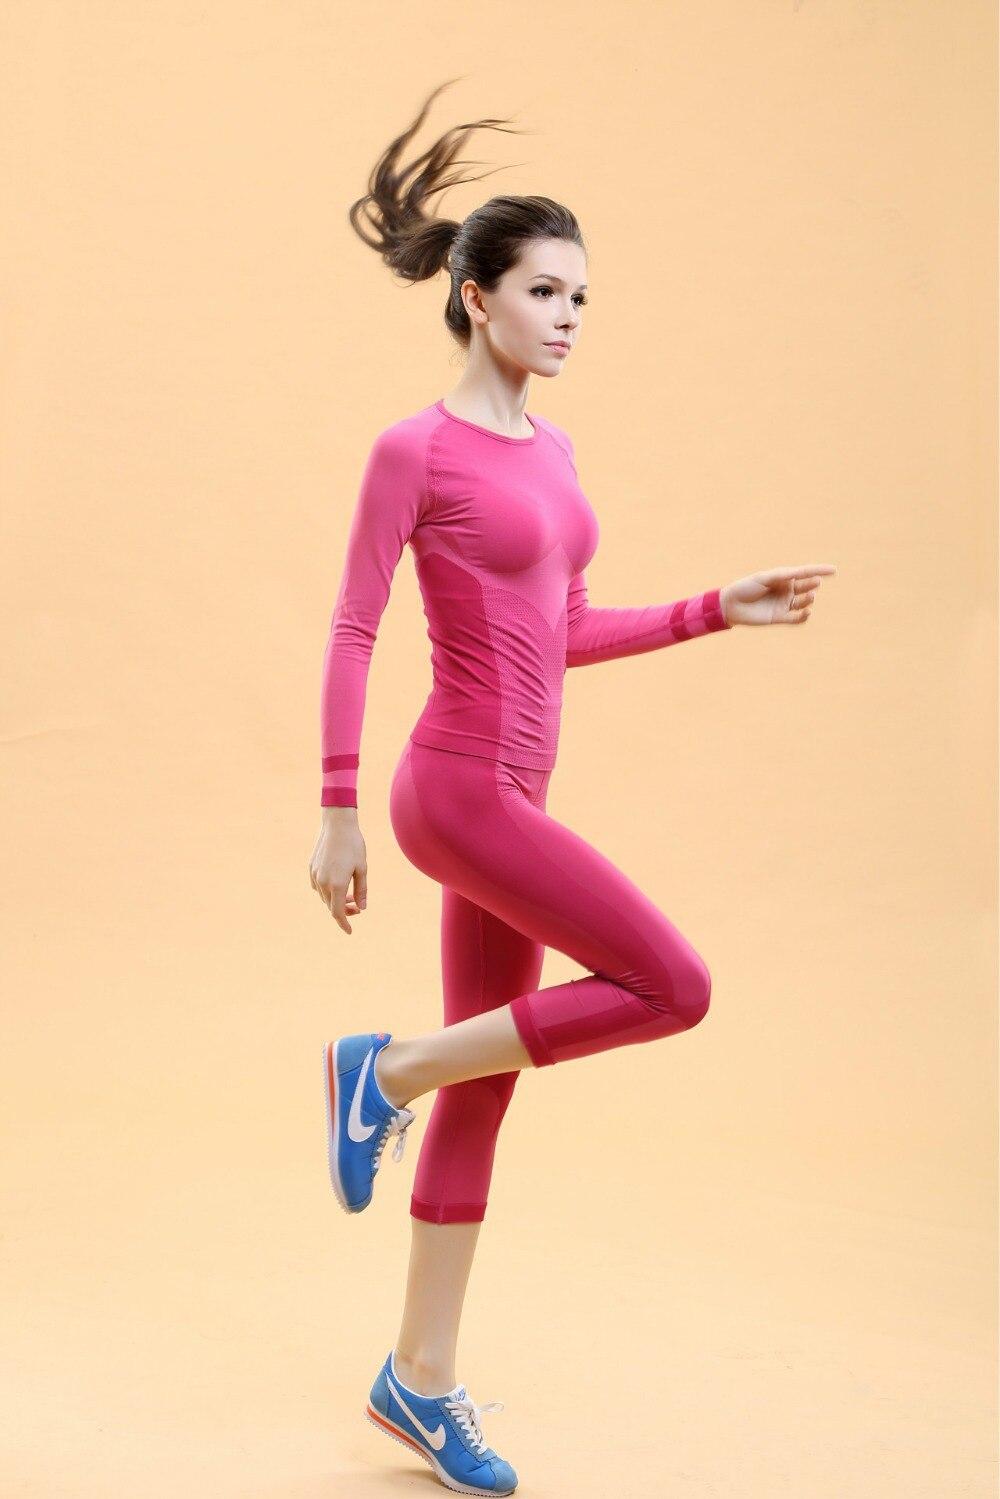 Mujeres profesionales pantalones cortos ropa deportiva traje - Ropa deportiva y accesorios - foto 3